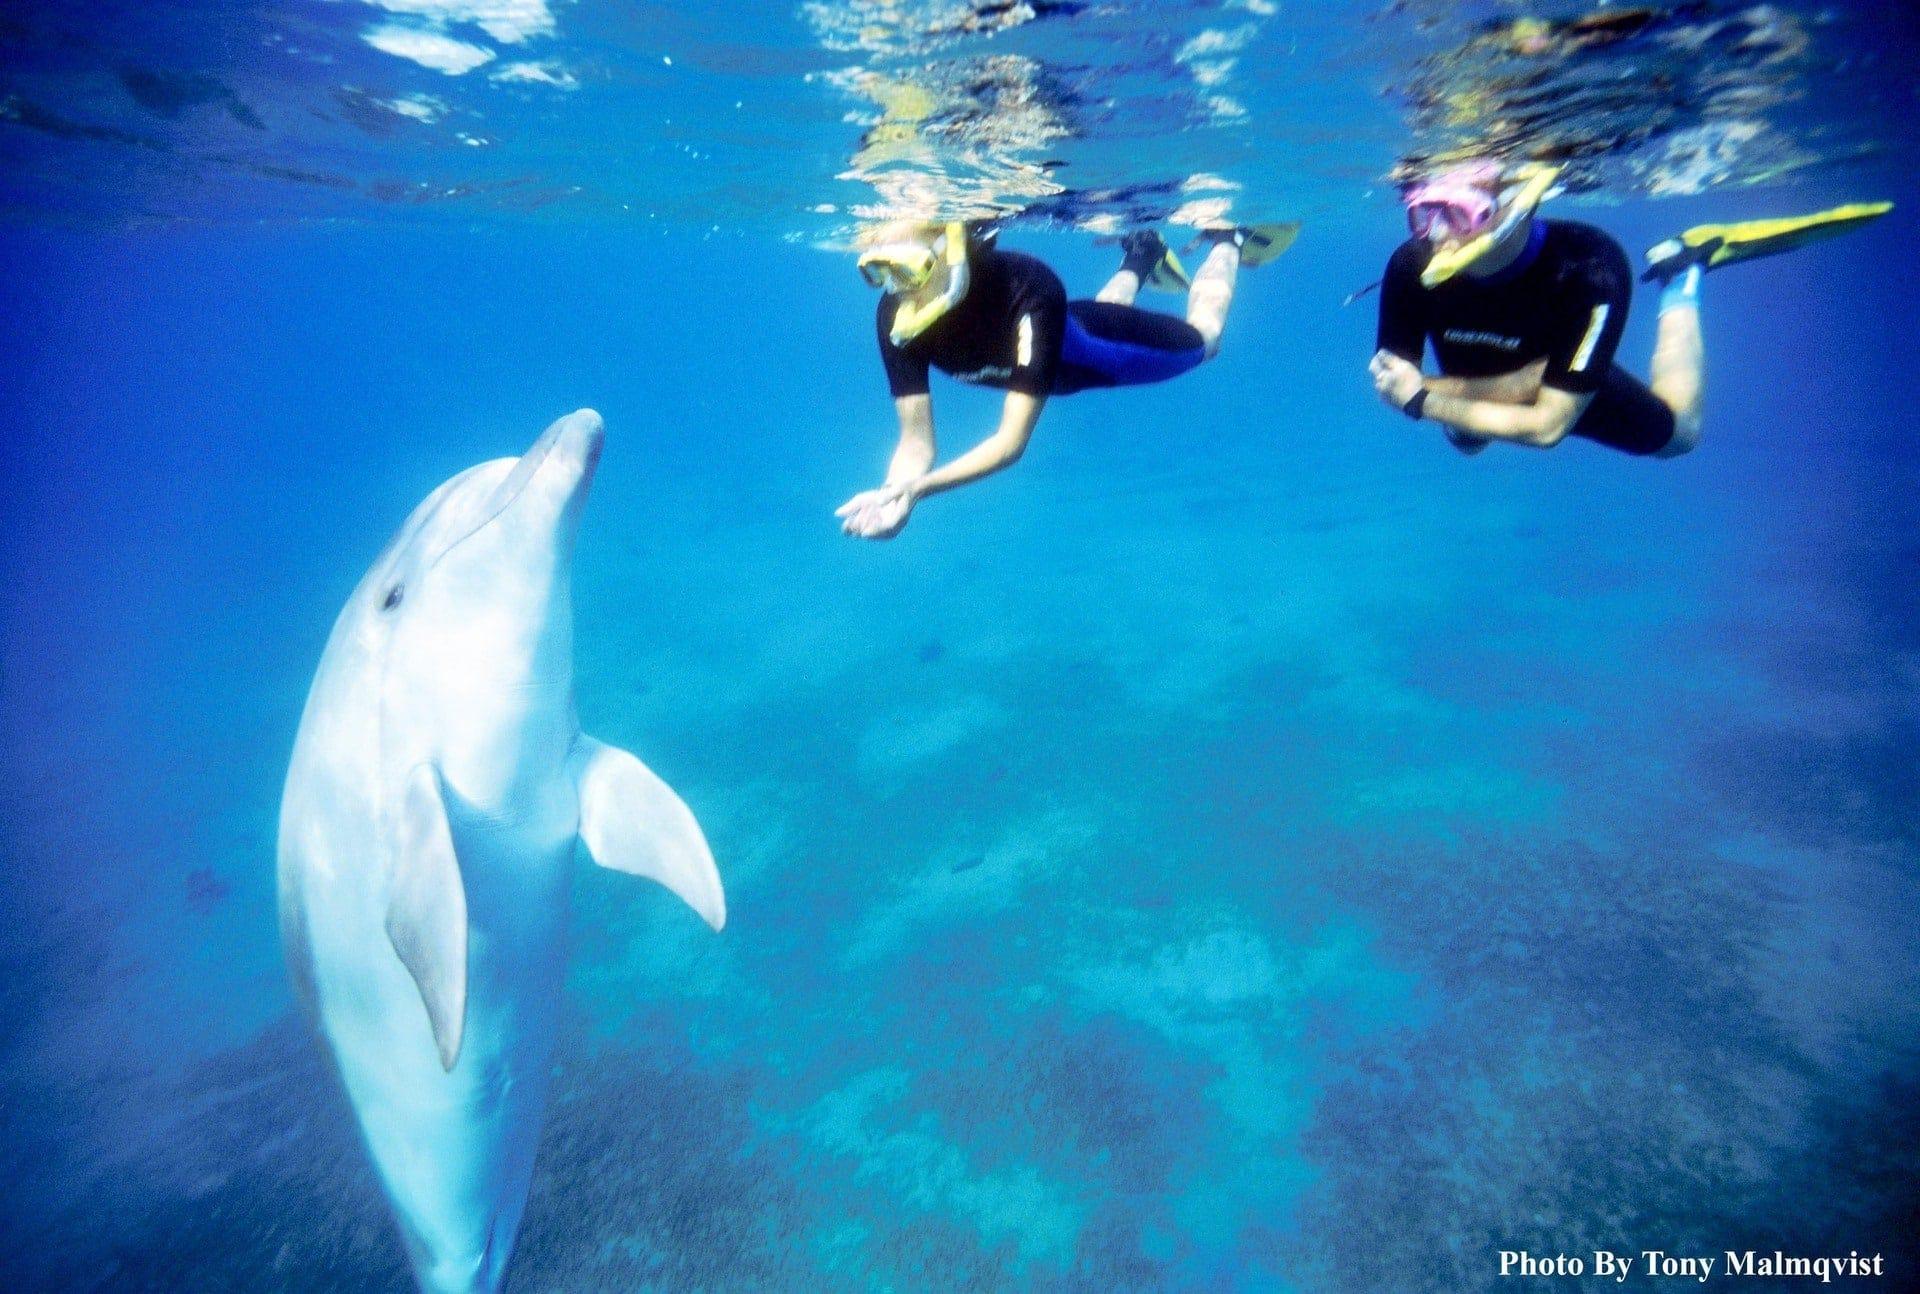 Am Roten Meer mit Delfinen schwimmen Heilsam und unvergesslich: Die faszinierende Welt der Delfine